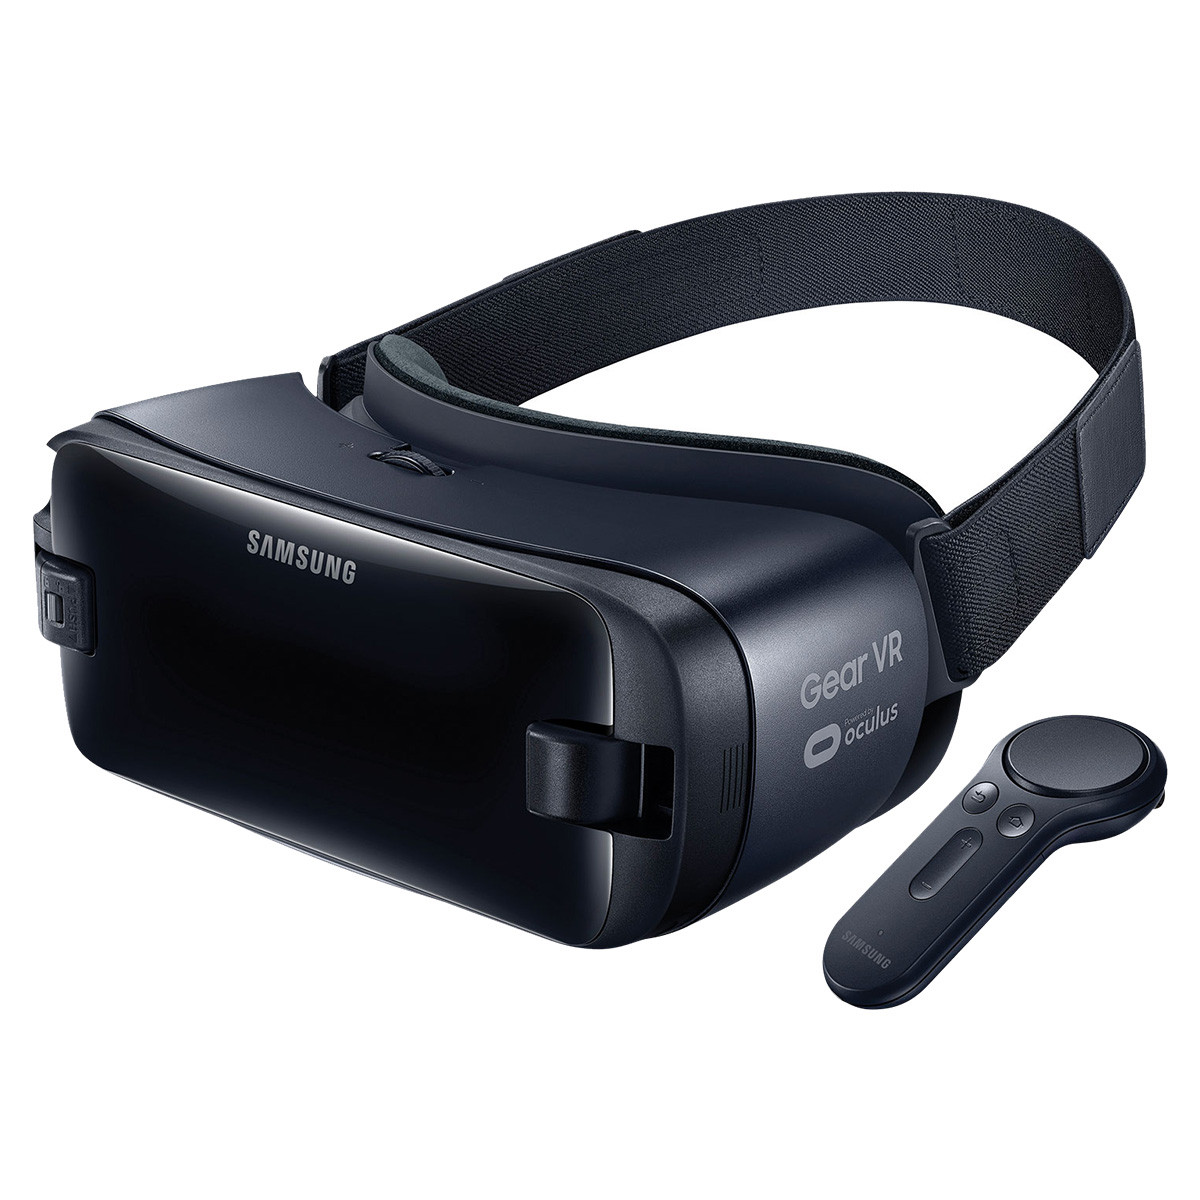 کنترل از راه دور سامسونگ مناسب برای هدست واقعیت مجازی سامسونگ Gear VR 2017 | Samsung Remote Controller For Samsung Gear VR 2017